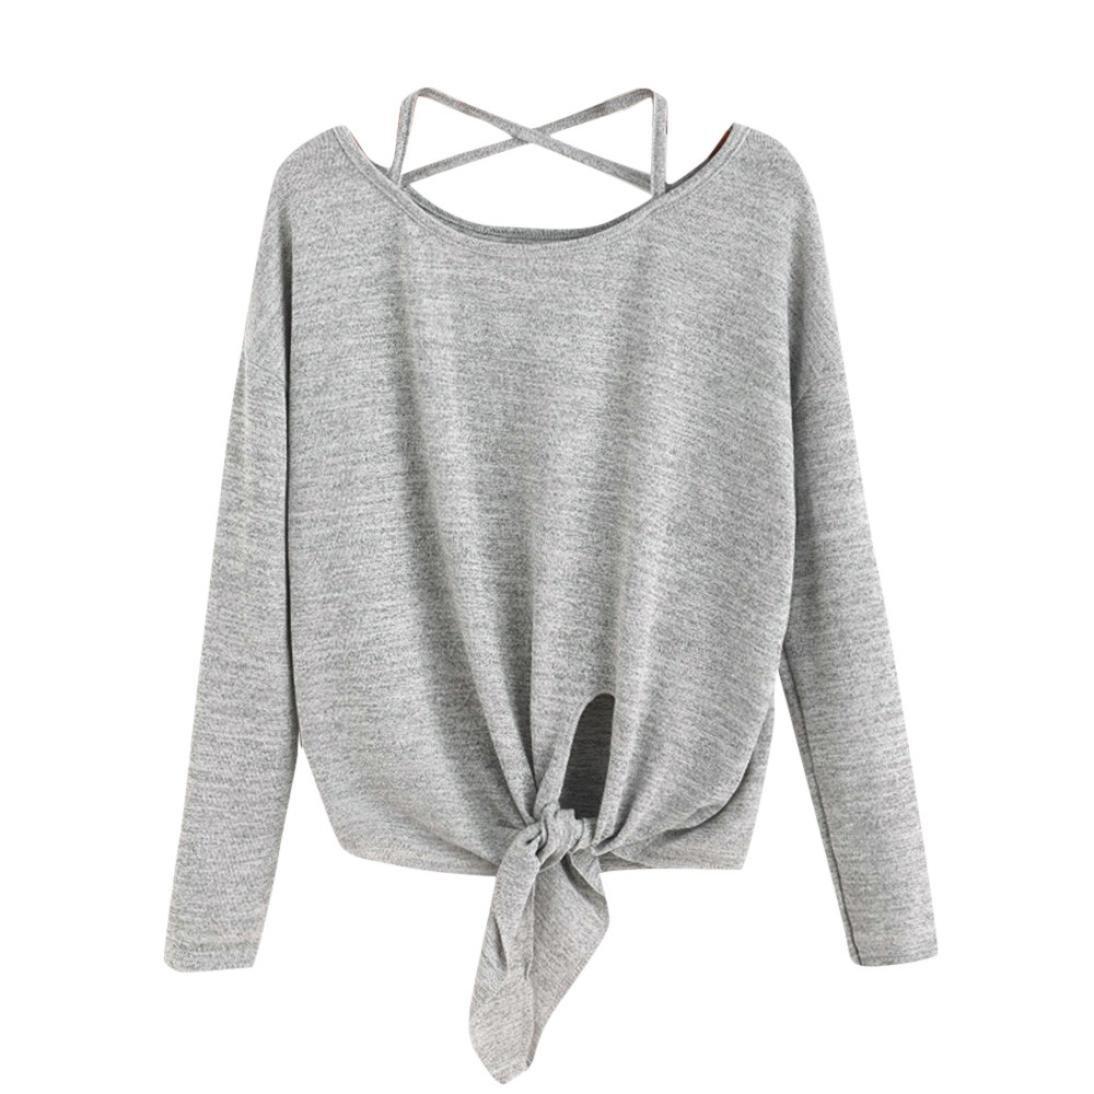 LSAltd Casual Camicia donna Maglietta donne Invernale Felpa Oversize Sportiva Camicetta Maglia maniche lunghe T Shirt Sportiva Camicetta Maglia Maniche Lunghe T Shirt